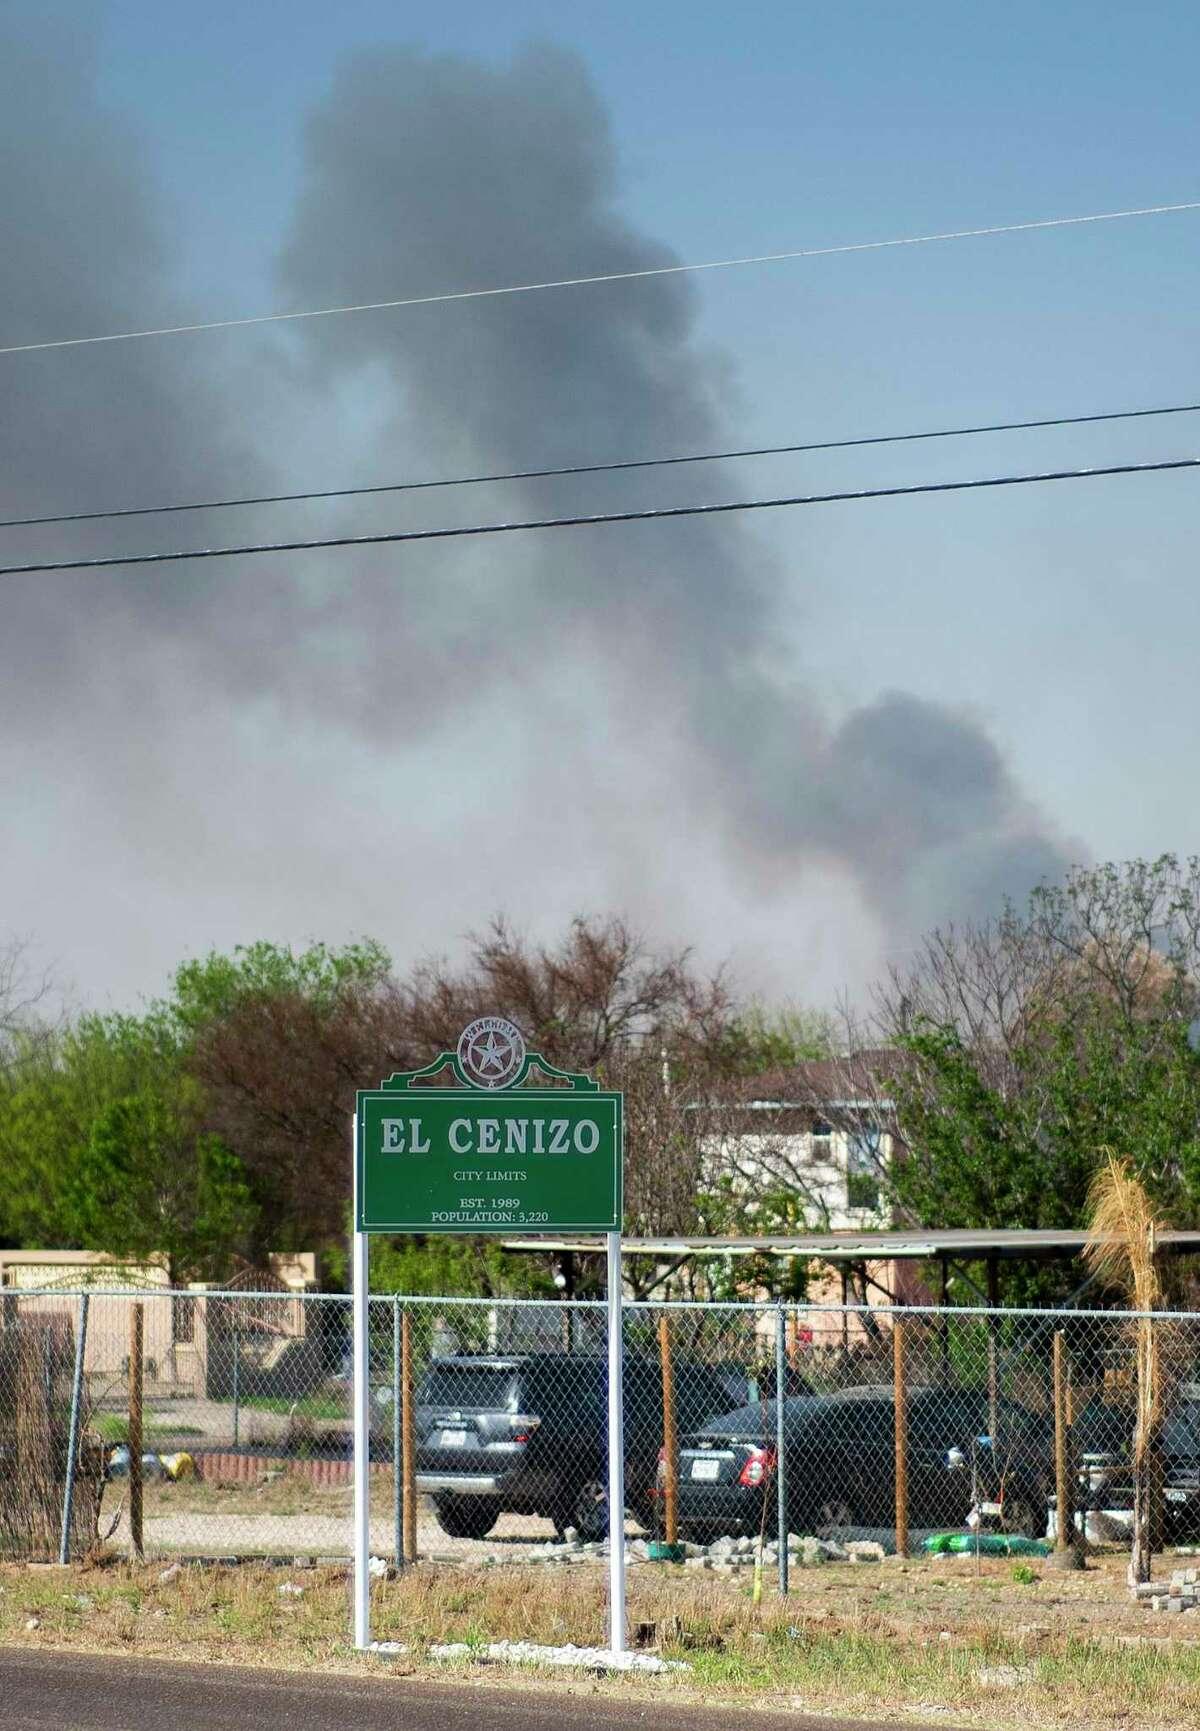 On Thursday, March 18, 2021, near El Cenizo, Texas, bushfires will burn on the <a class=